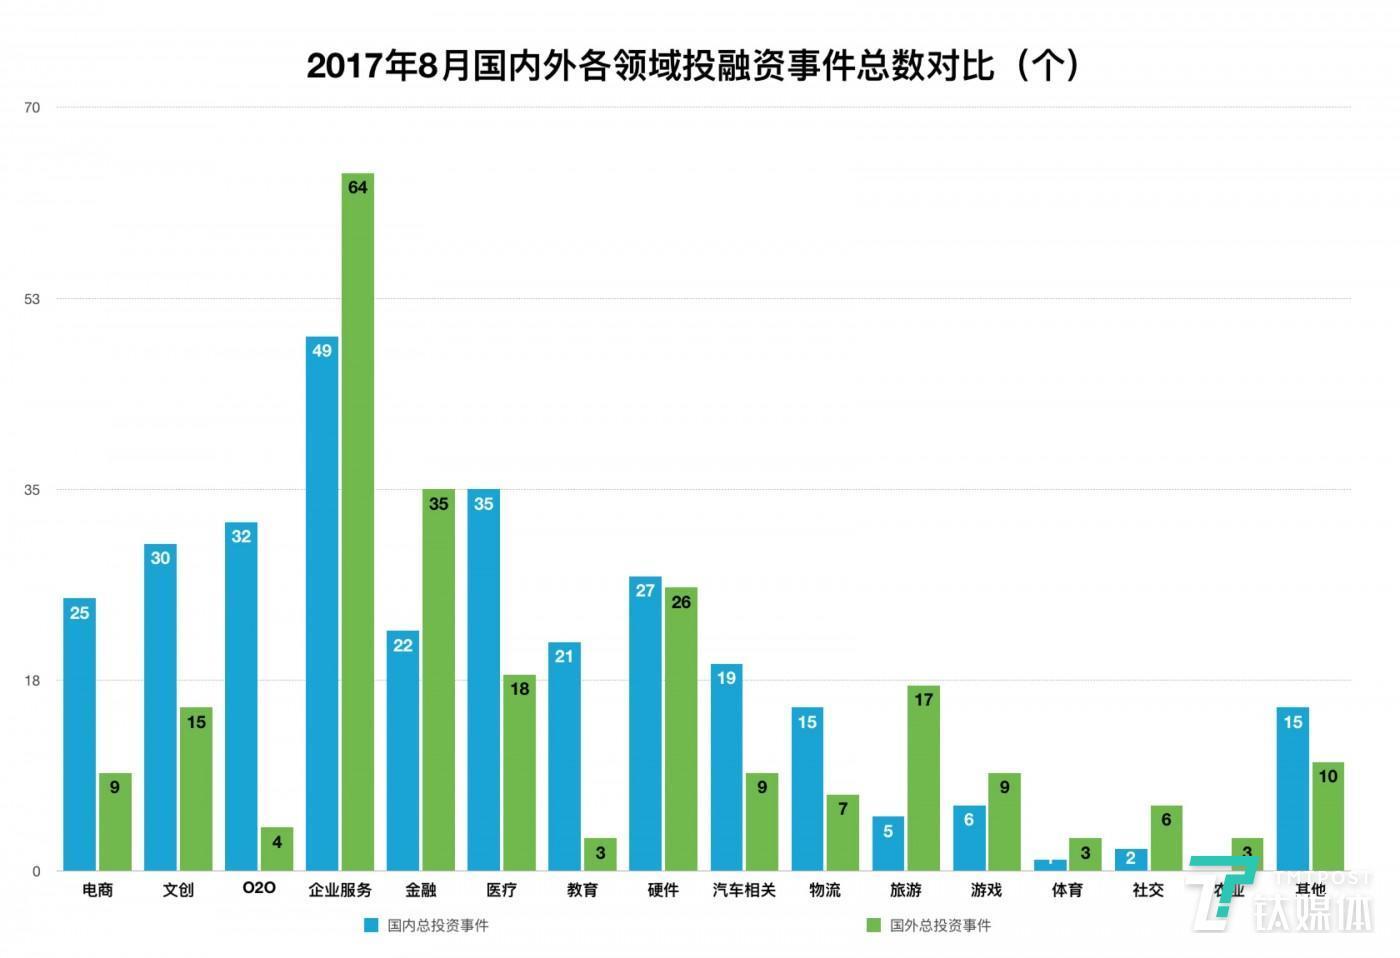 8月国内外融资事件领域分布对比